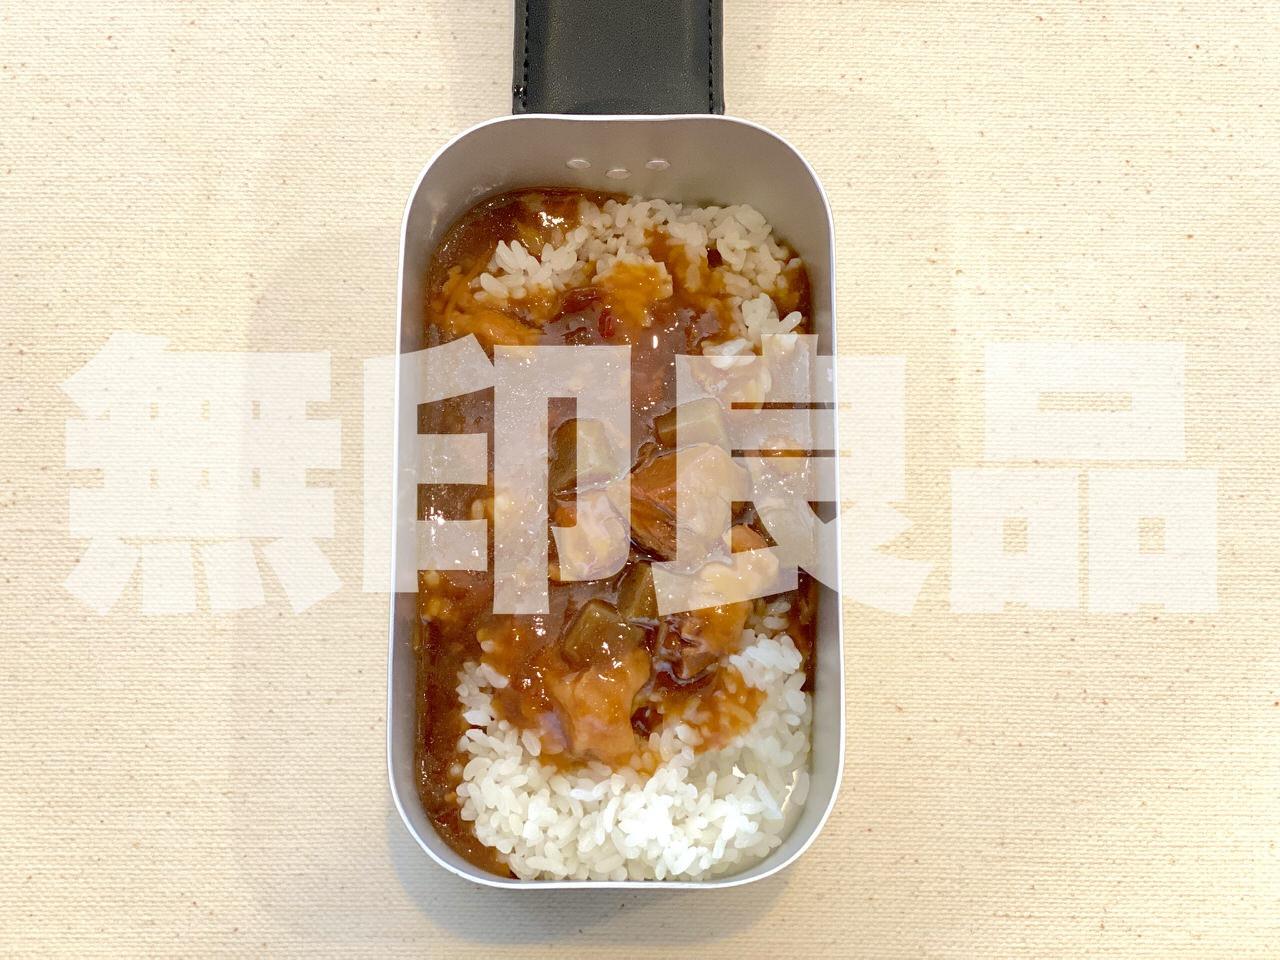 【無印良品】「牛すじとこんにゃくのぼっかけ」神戸の郷土料理がお手本の生姜醤油味の煮込みを食べてみた